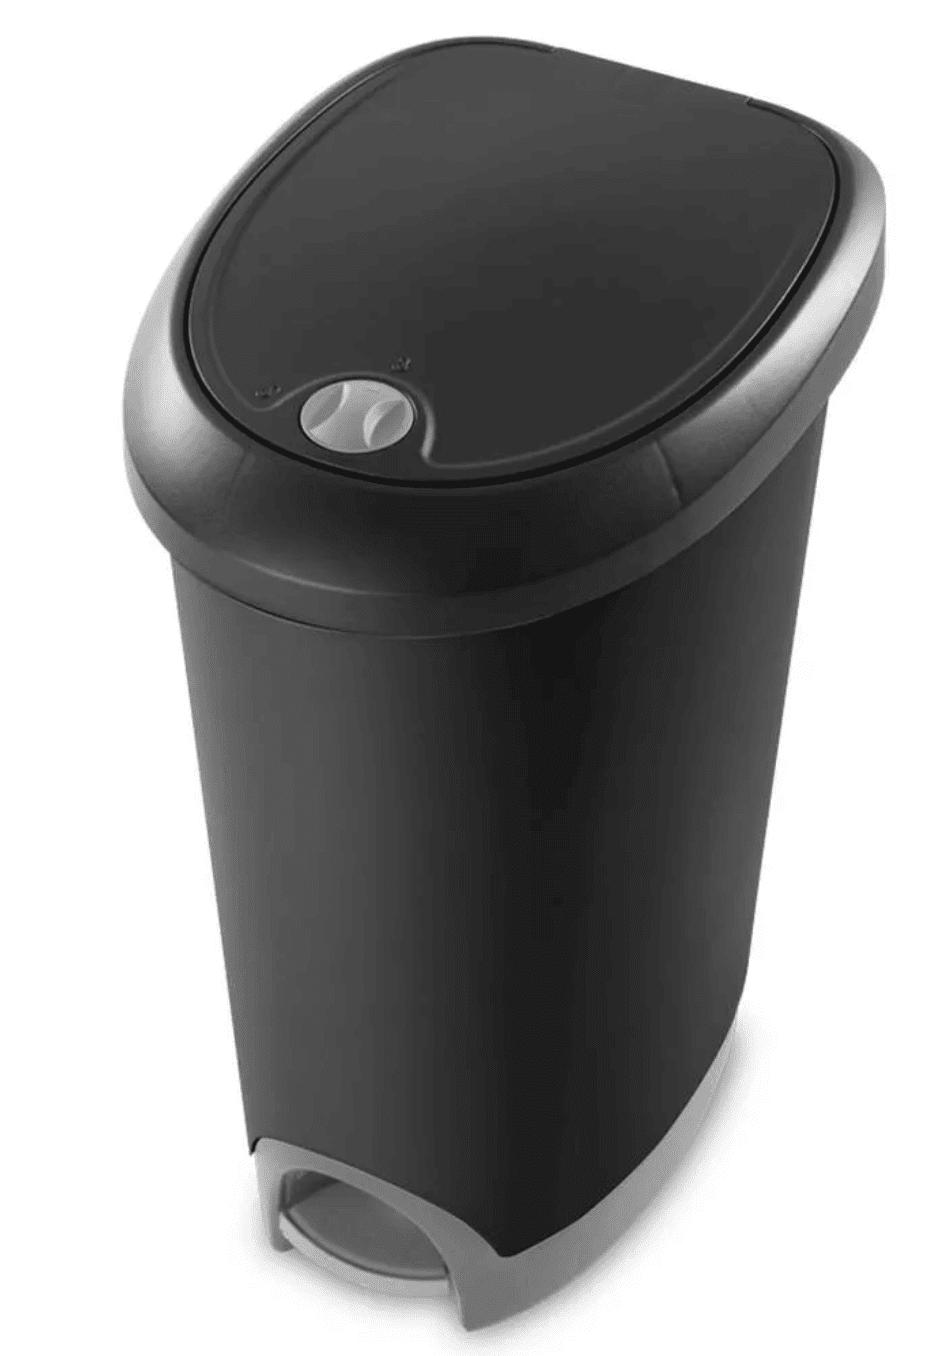 Sterilite Locking Lid Kitchen Wastebasket